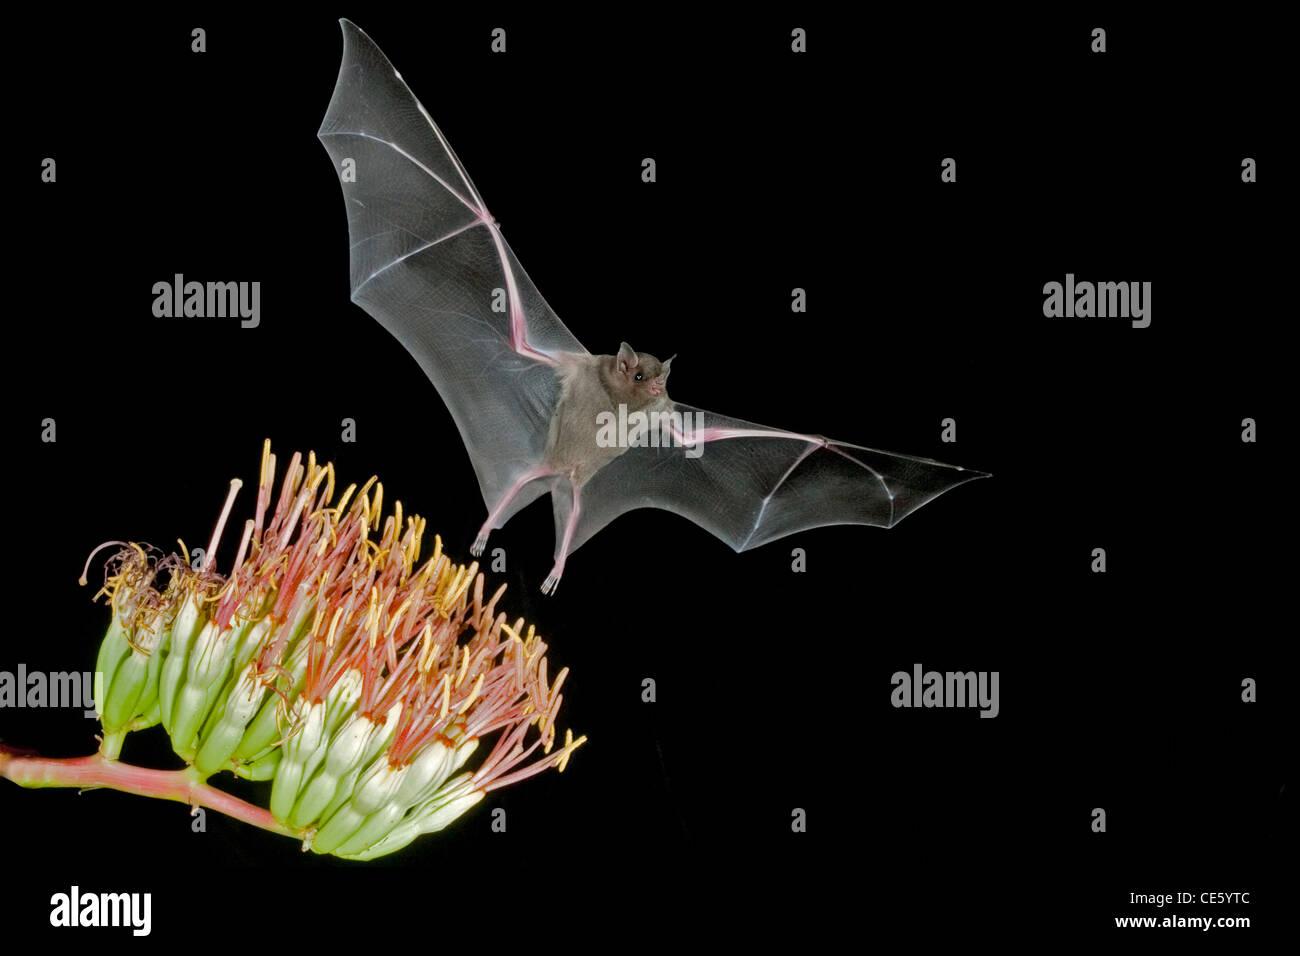 Menor de hocico largo Murciélago Leptonycteris curasoae Amado, Arizona, Estados Unidos de América el 23 de agosto de adulto a Parry's flores de agave. Foto de stock